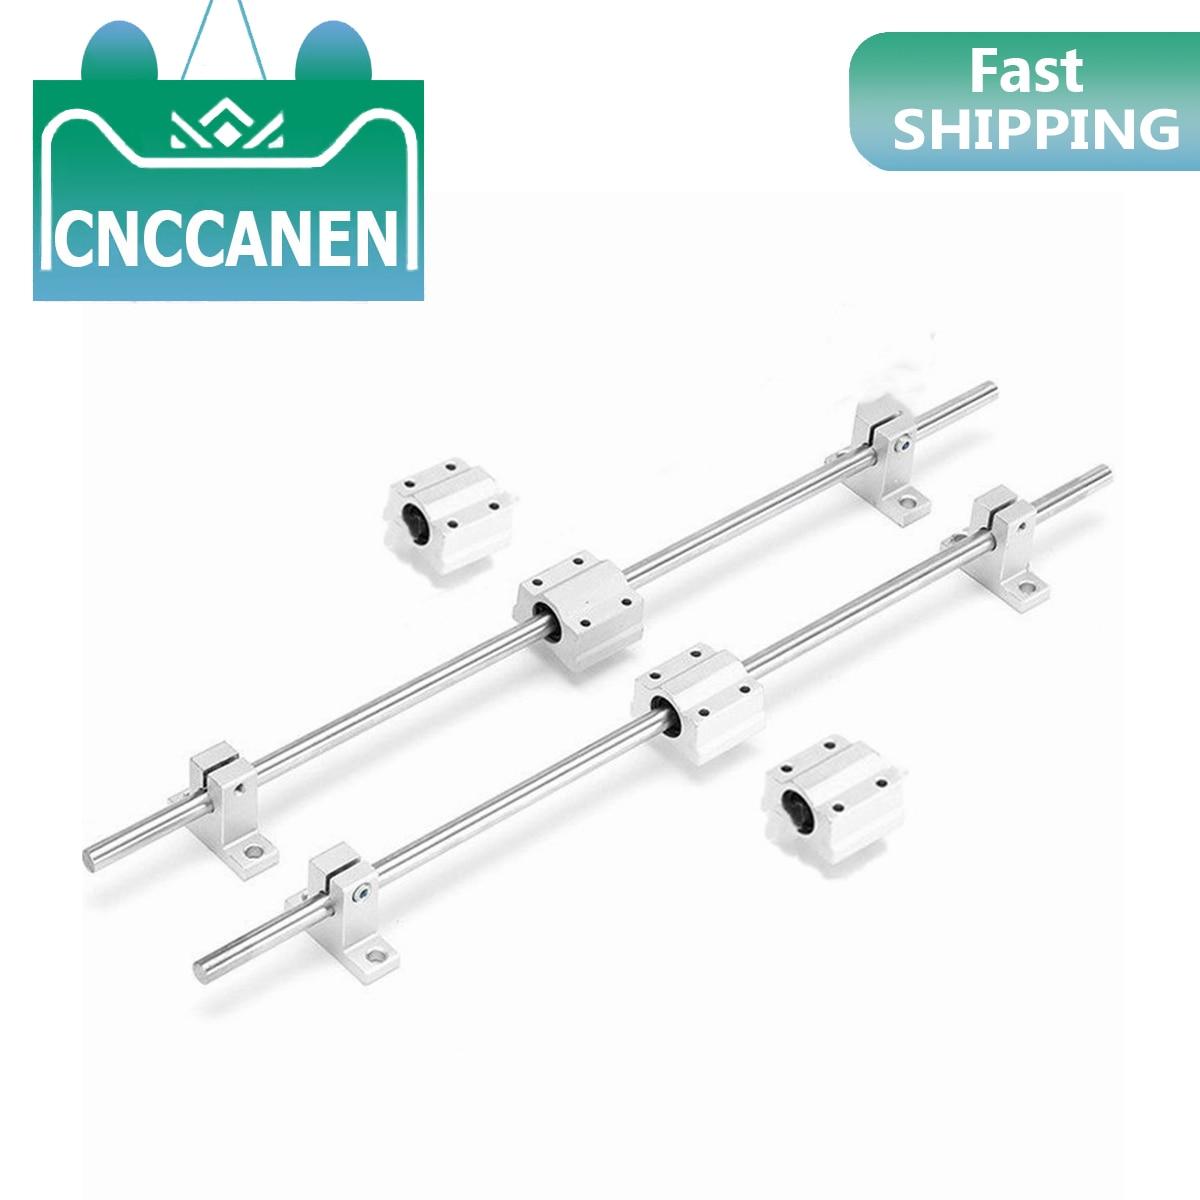 10 unids/set eje óptico eje lineal OD8/10/12mm 400-600mm + SCS8/10/12UU bloques de rodamiento lineal + SK8/10/12 soporte de rodamiento